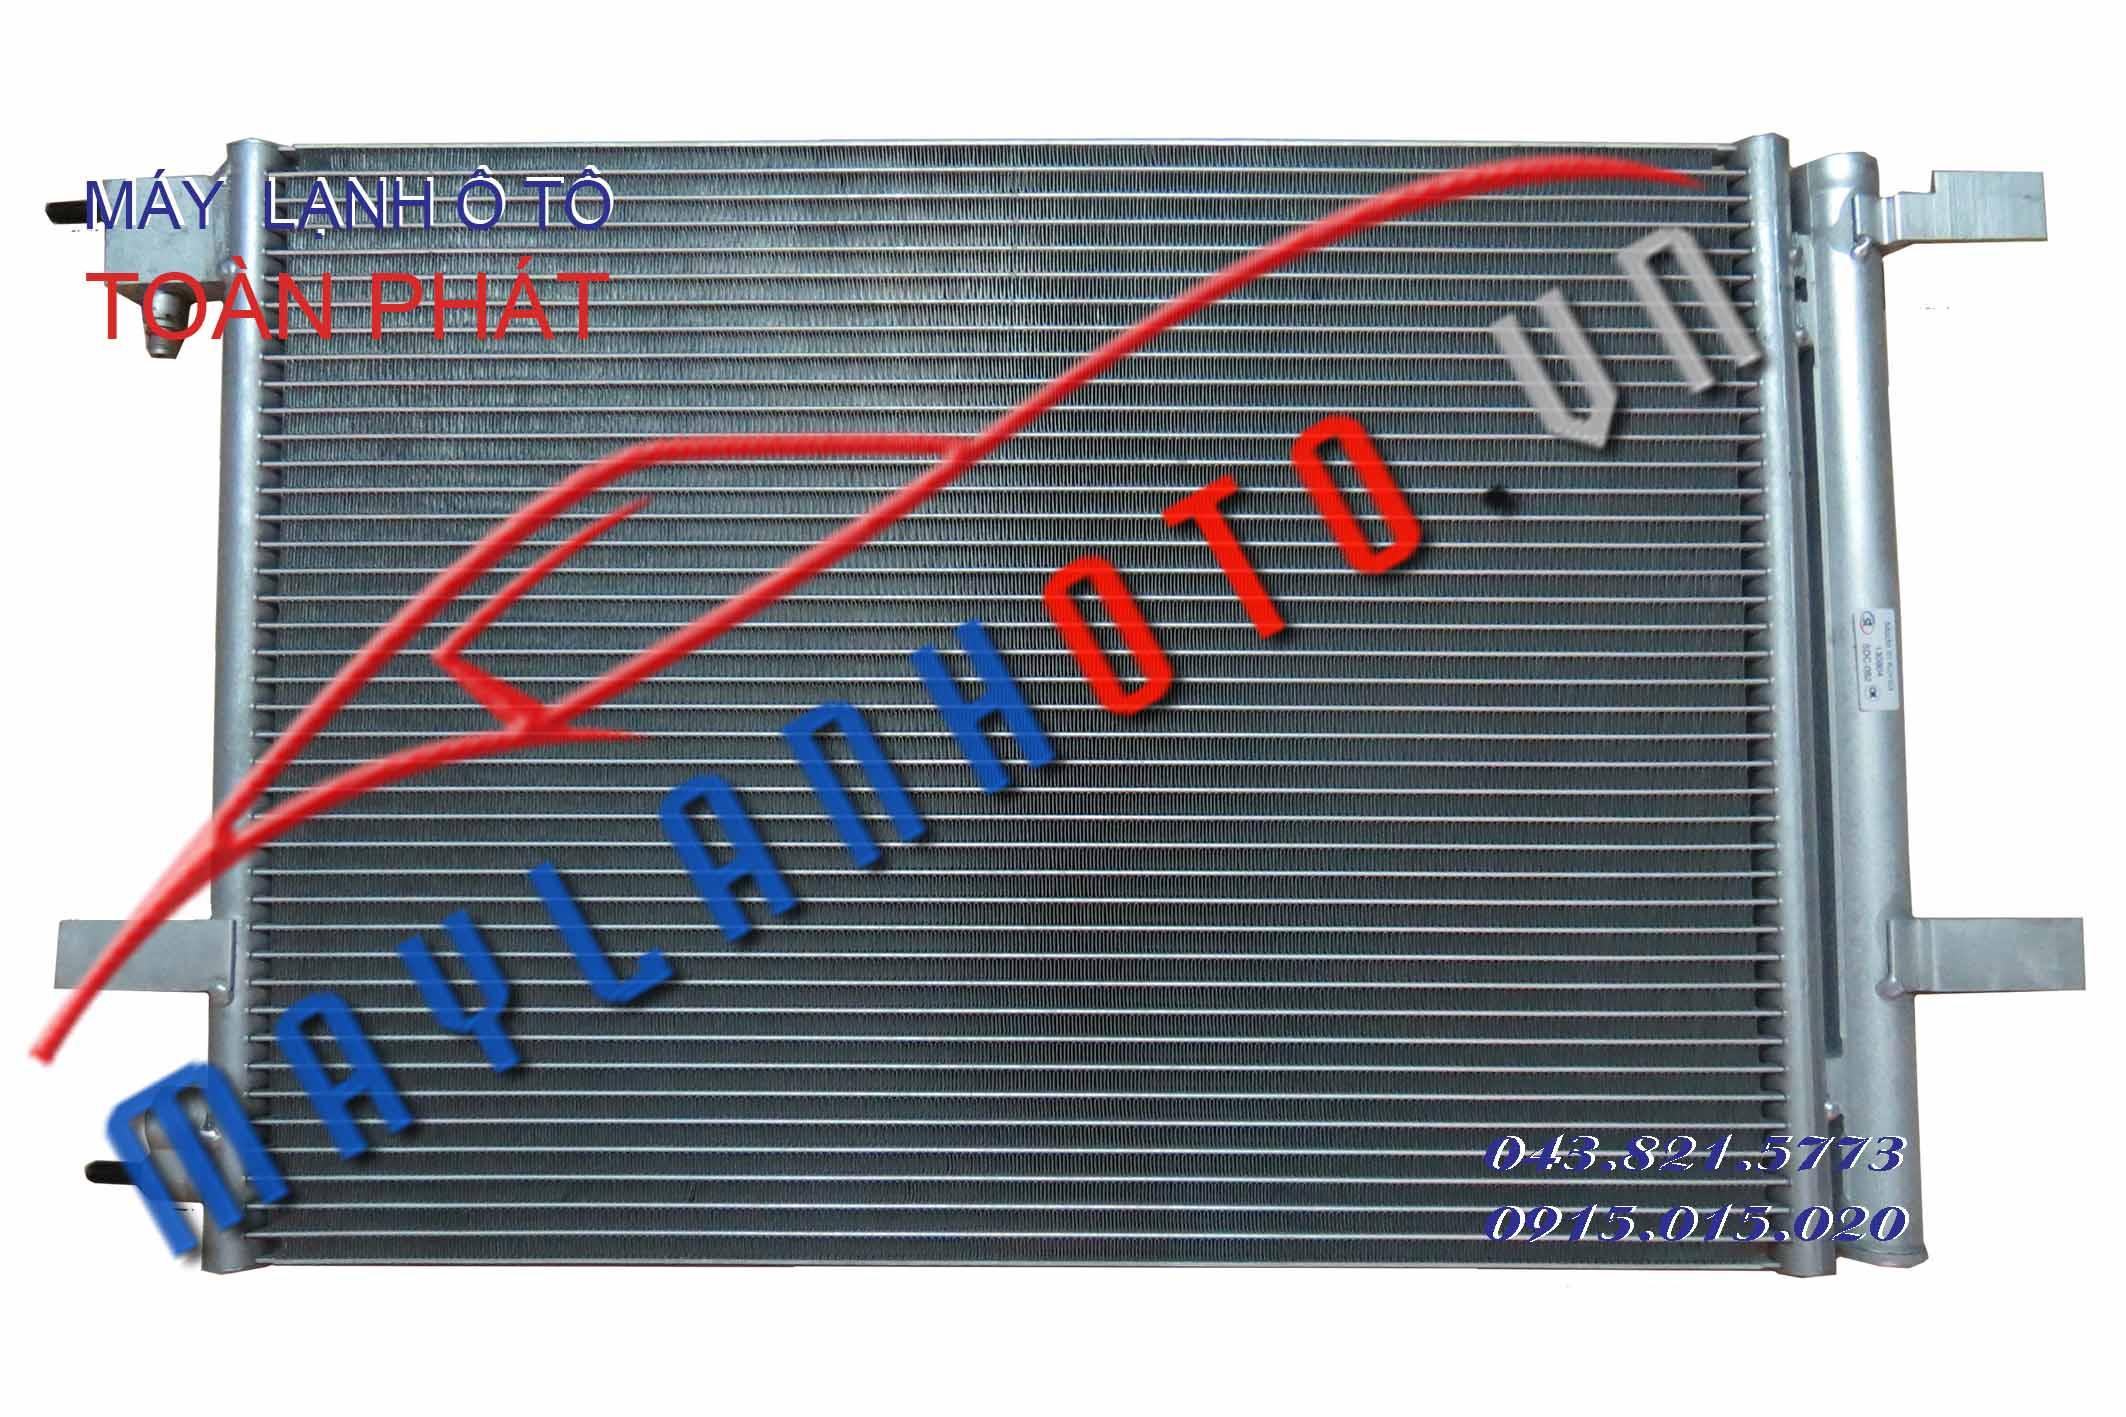 Lacetti CDX / Giàn nóng điều hòa Daewoo Lacetti CDX / Dàn nóng điều hòa Daewoo Lacetti CDX